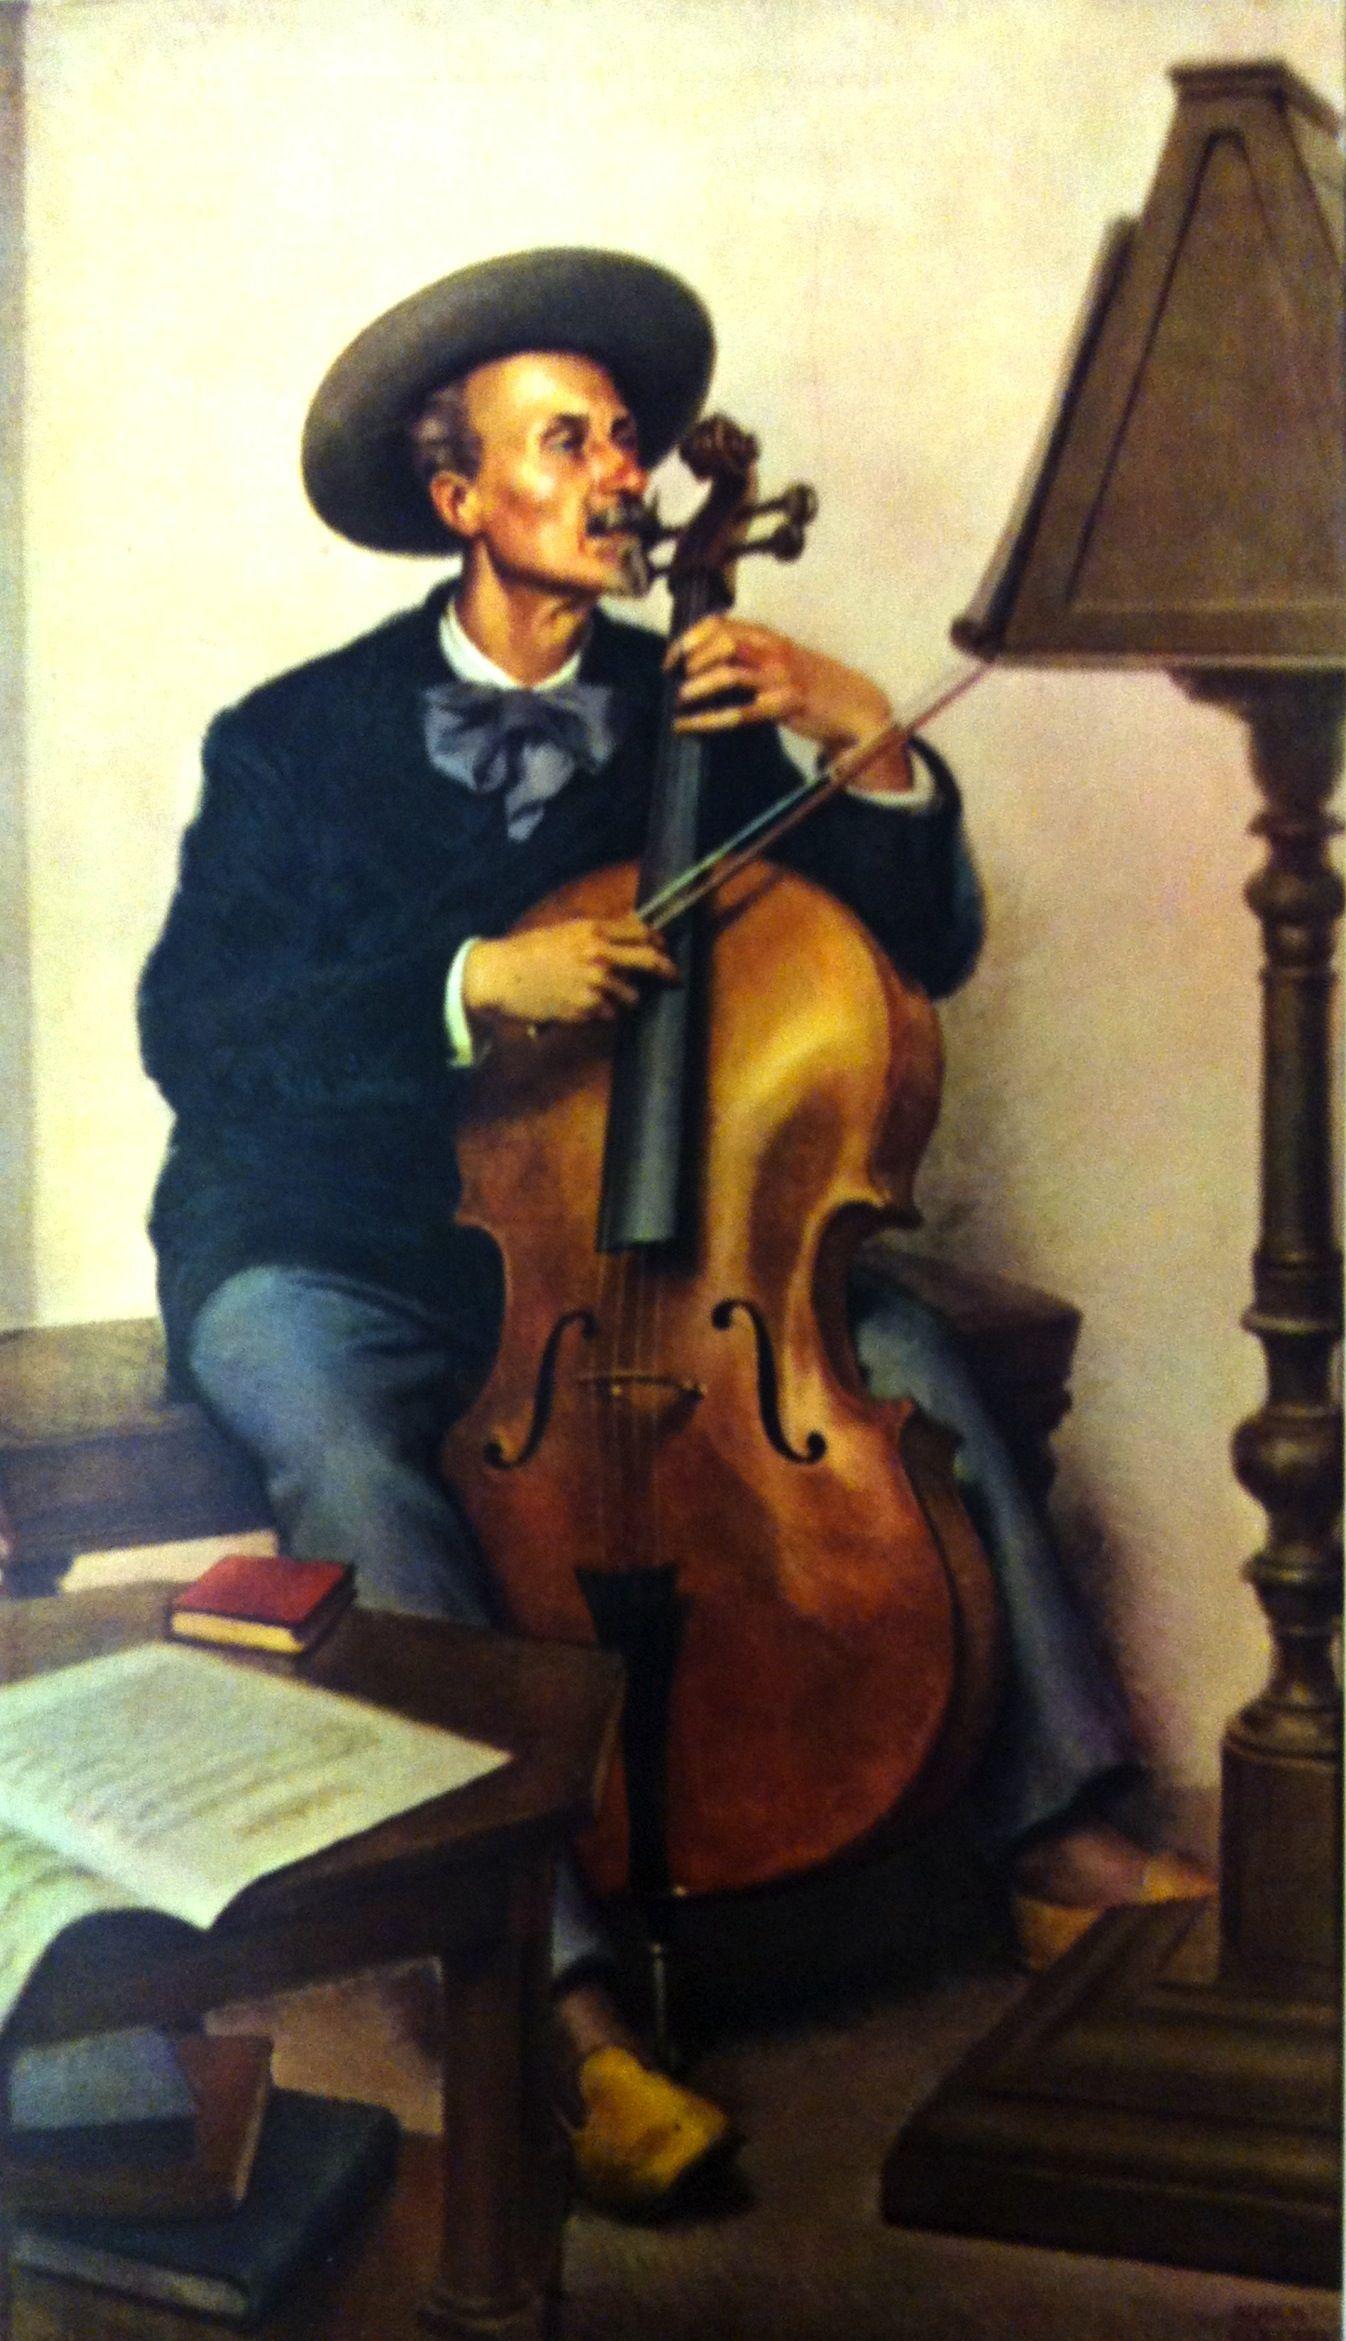 Il professore di violoncello Giuseppe Magrini. (olio su tela di Augusto Colombo, 1931).